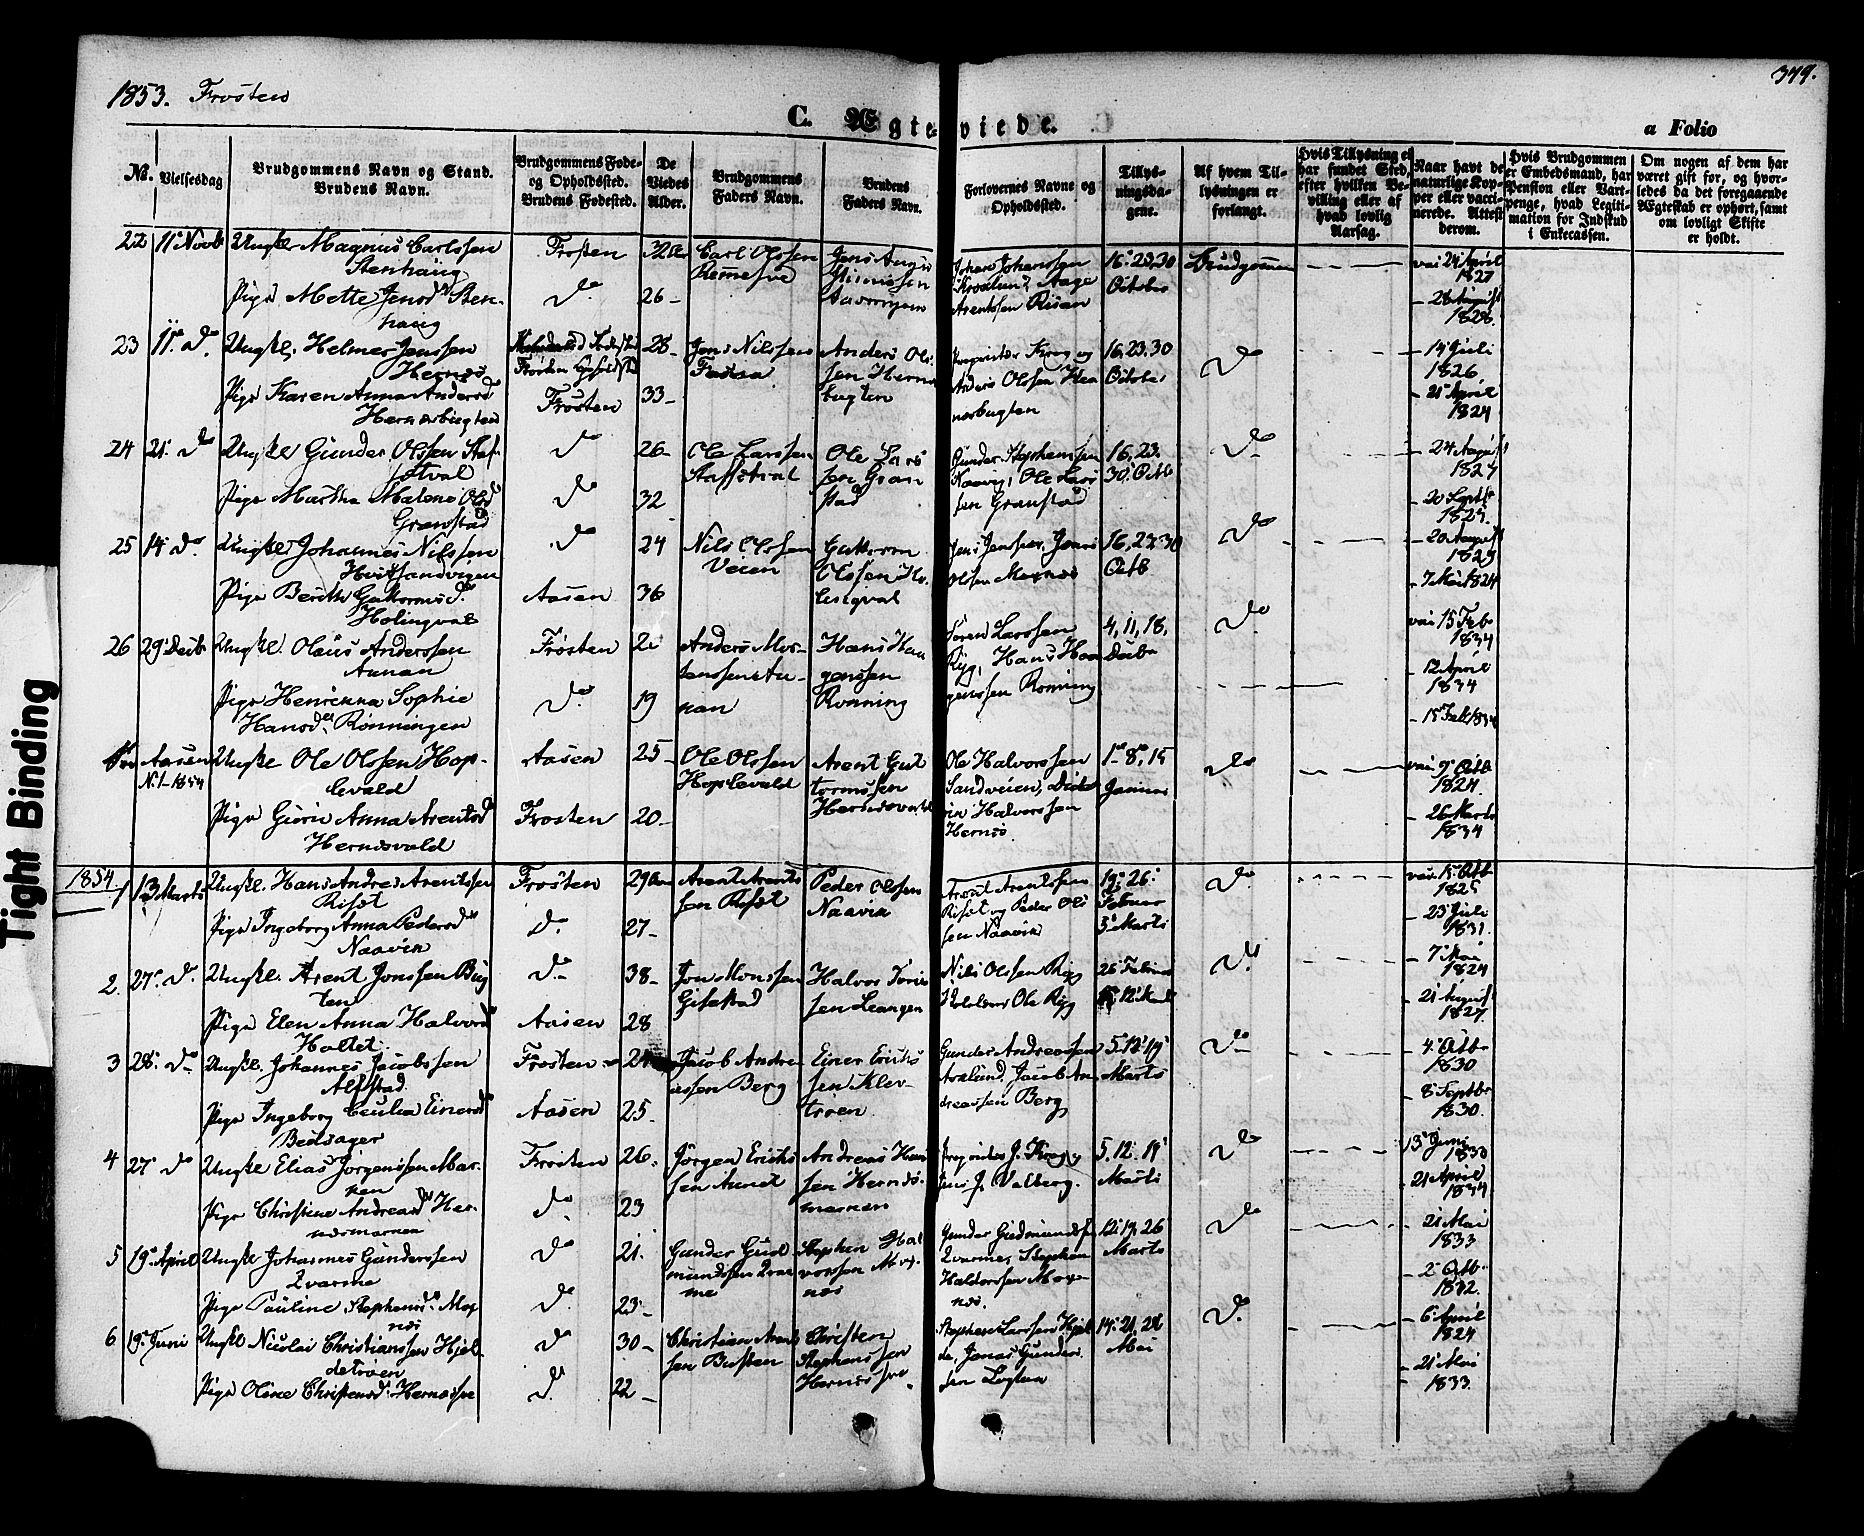 SAT, Ministerialprotokoller, klokkerbøker og fødselsregistre - Nord-Trøndelag, 713/L0116: Ministerialbok nr. 713A07 /1, 1850-1877, s. 349